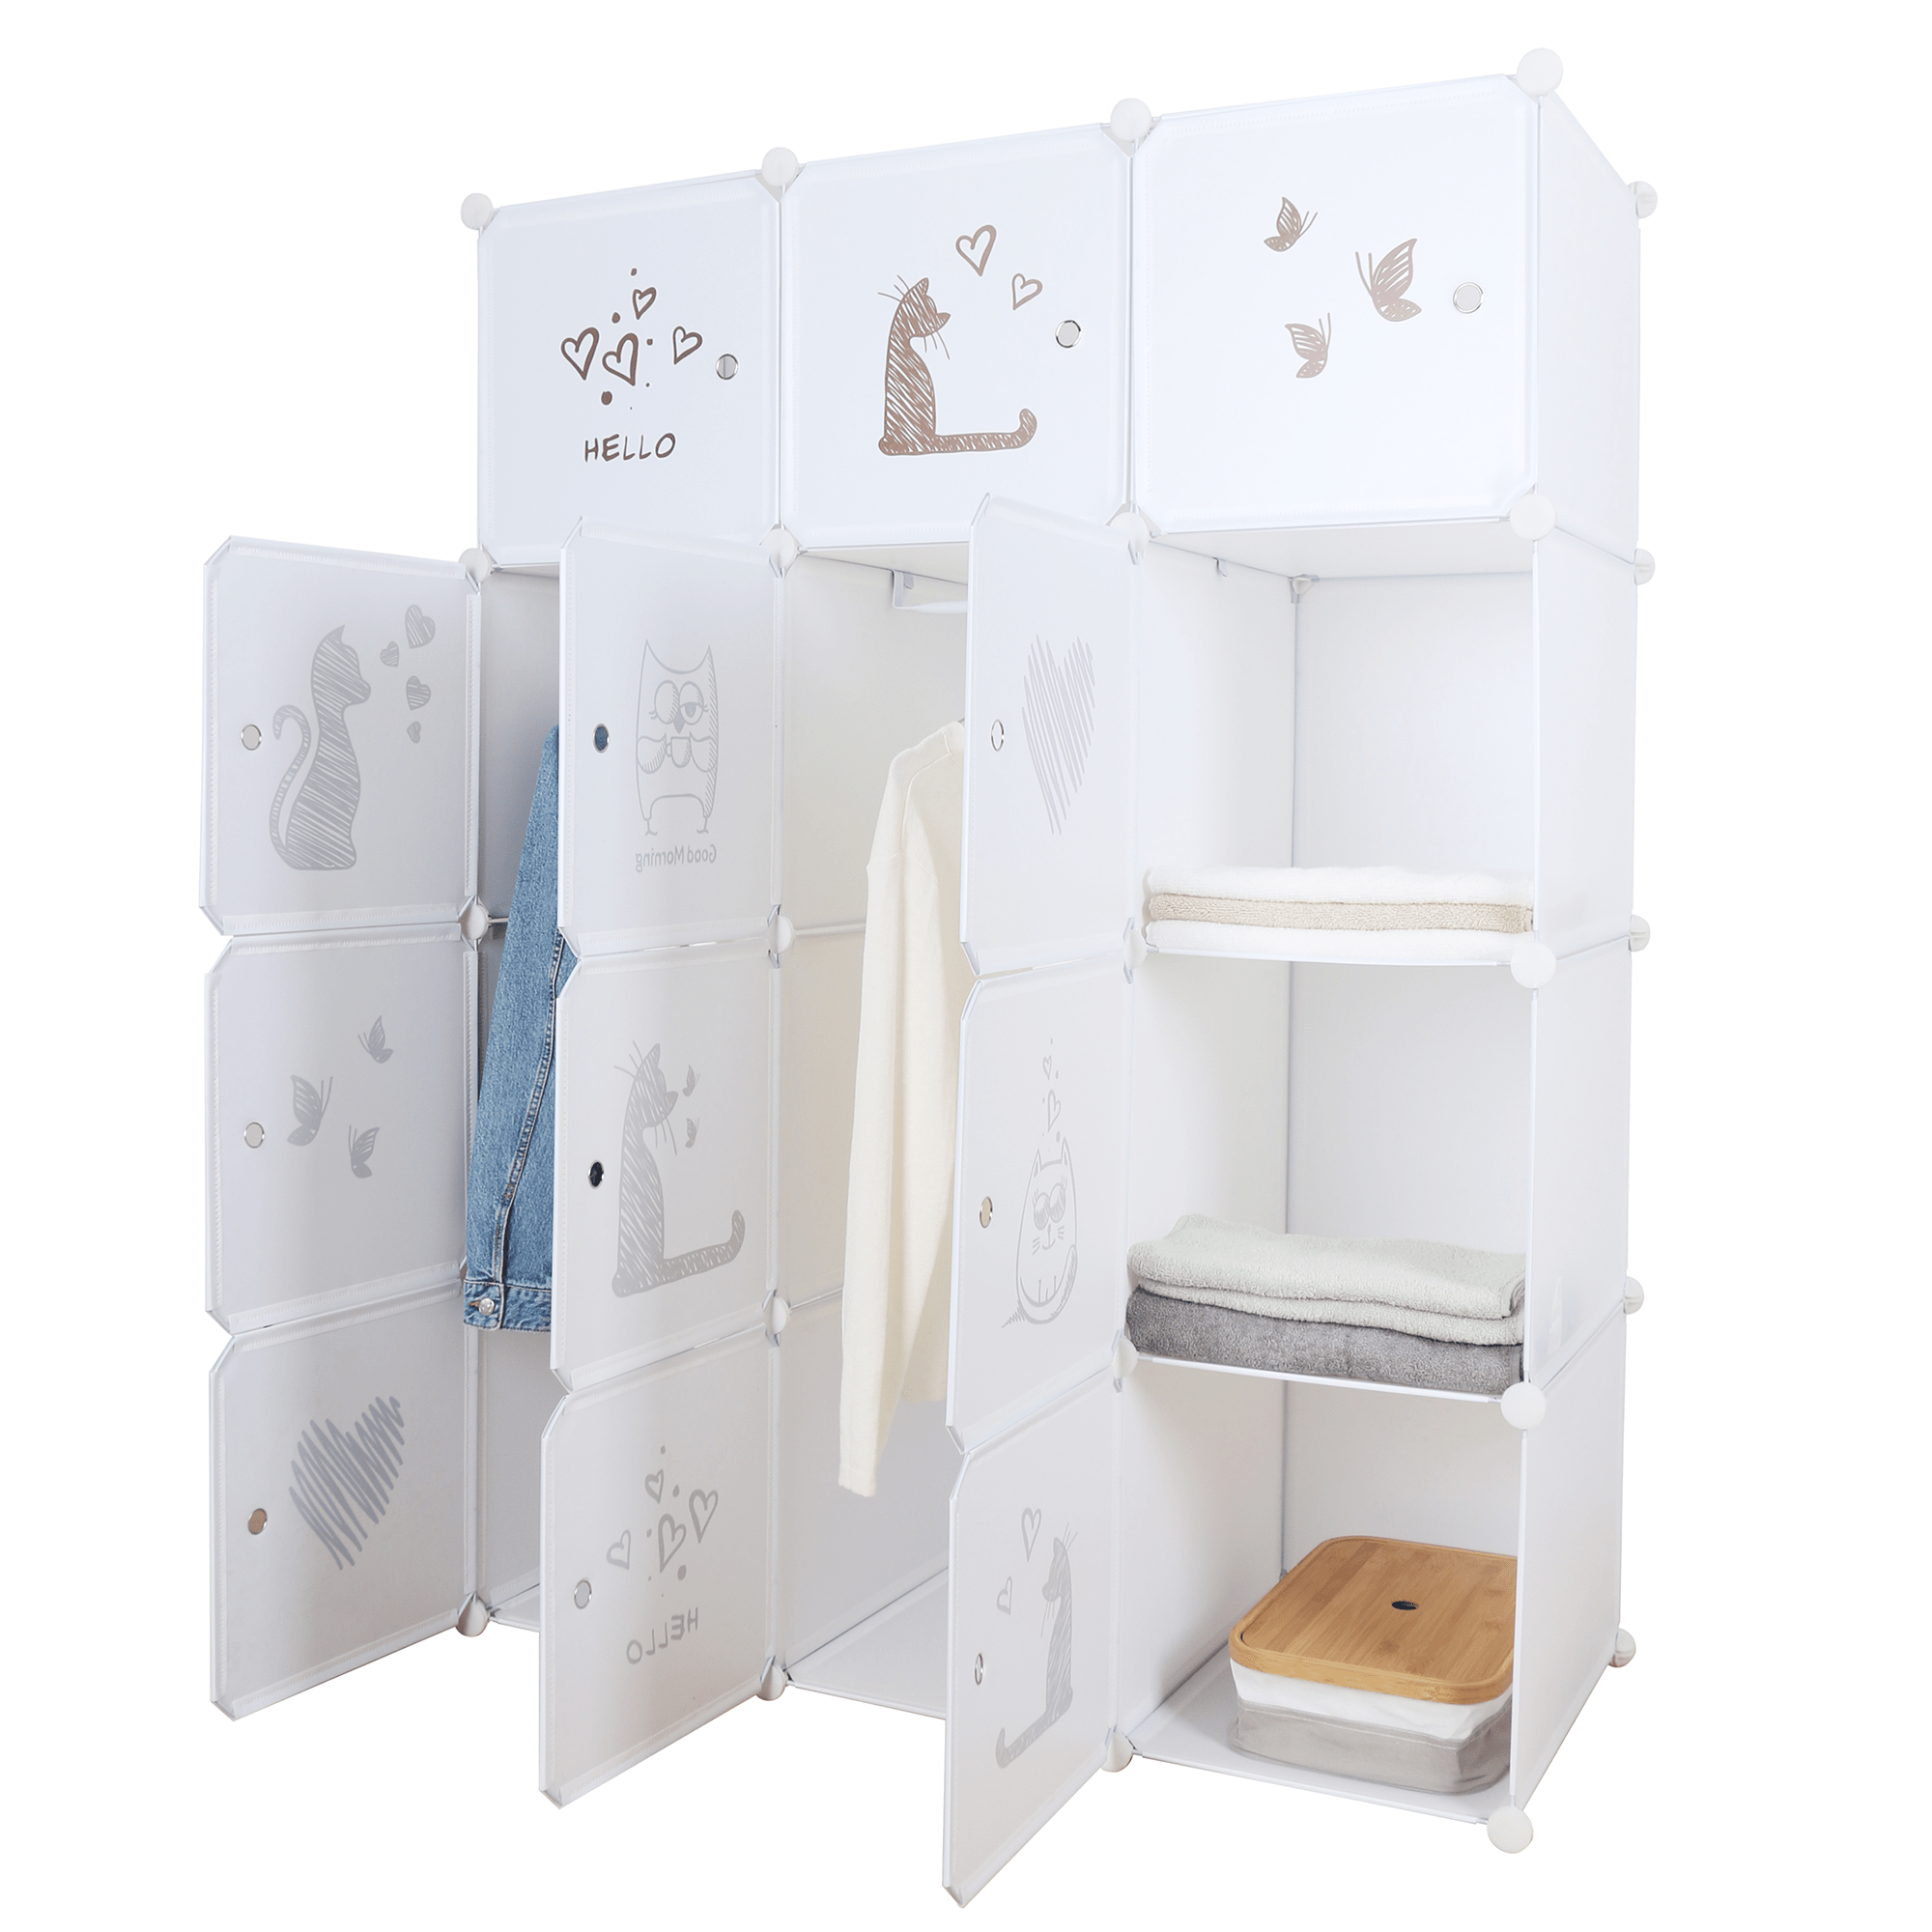 Gyerek moduláris szekrény, fehér/barna gyerek minta, KITARO